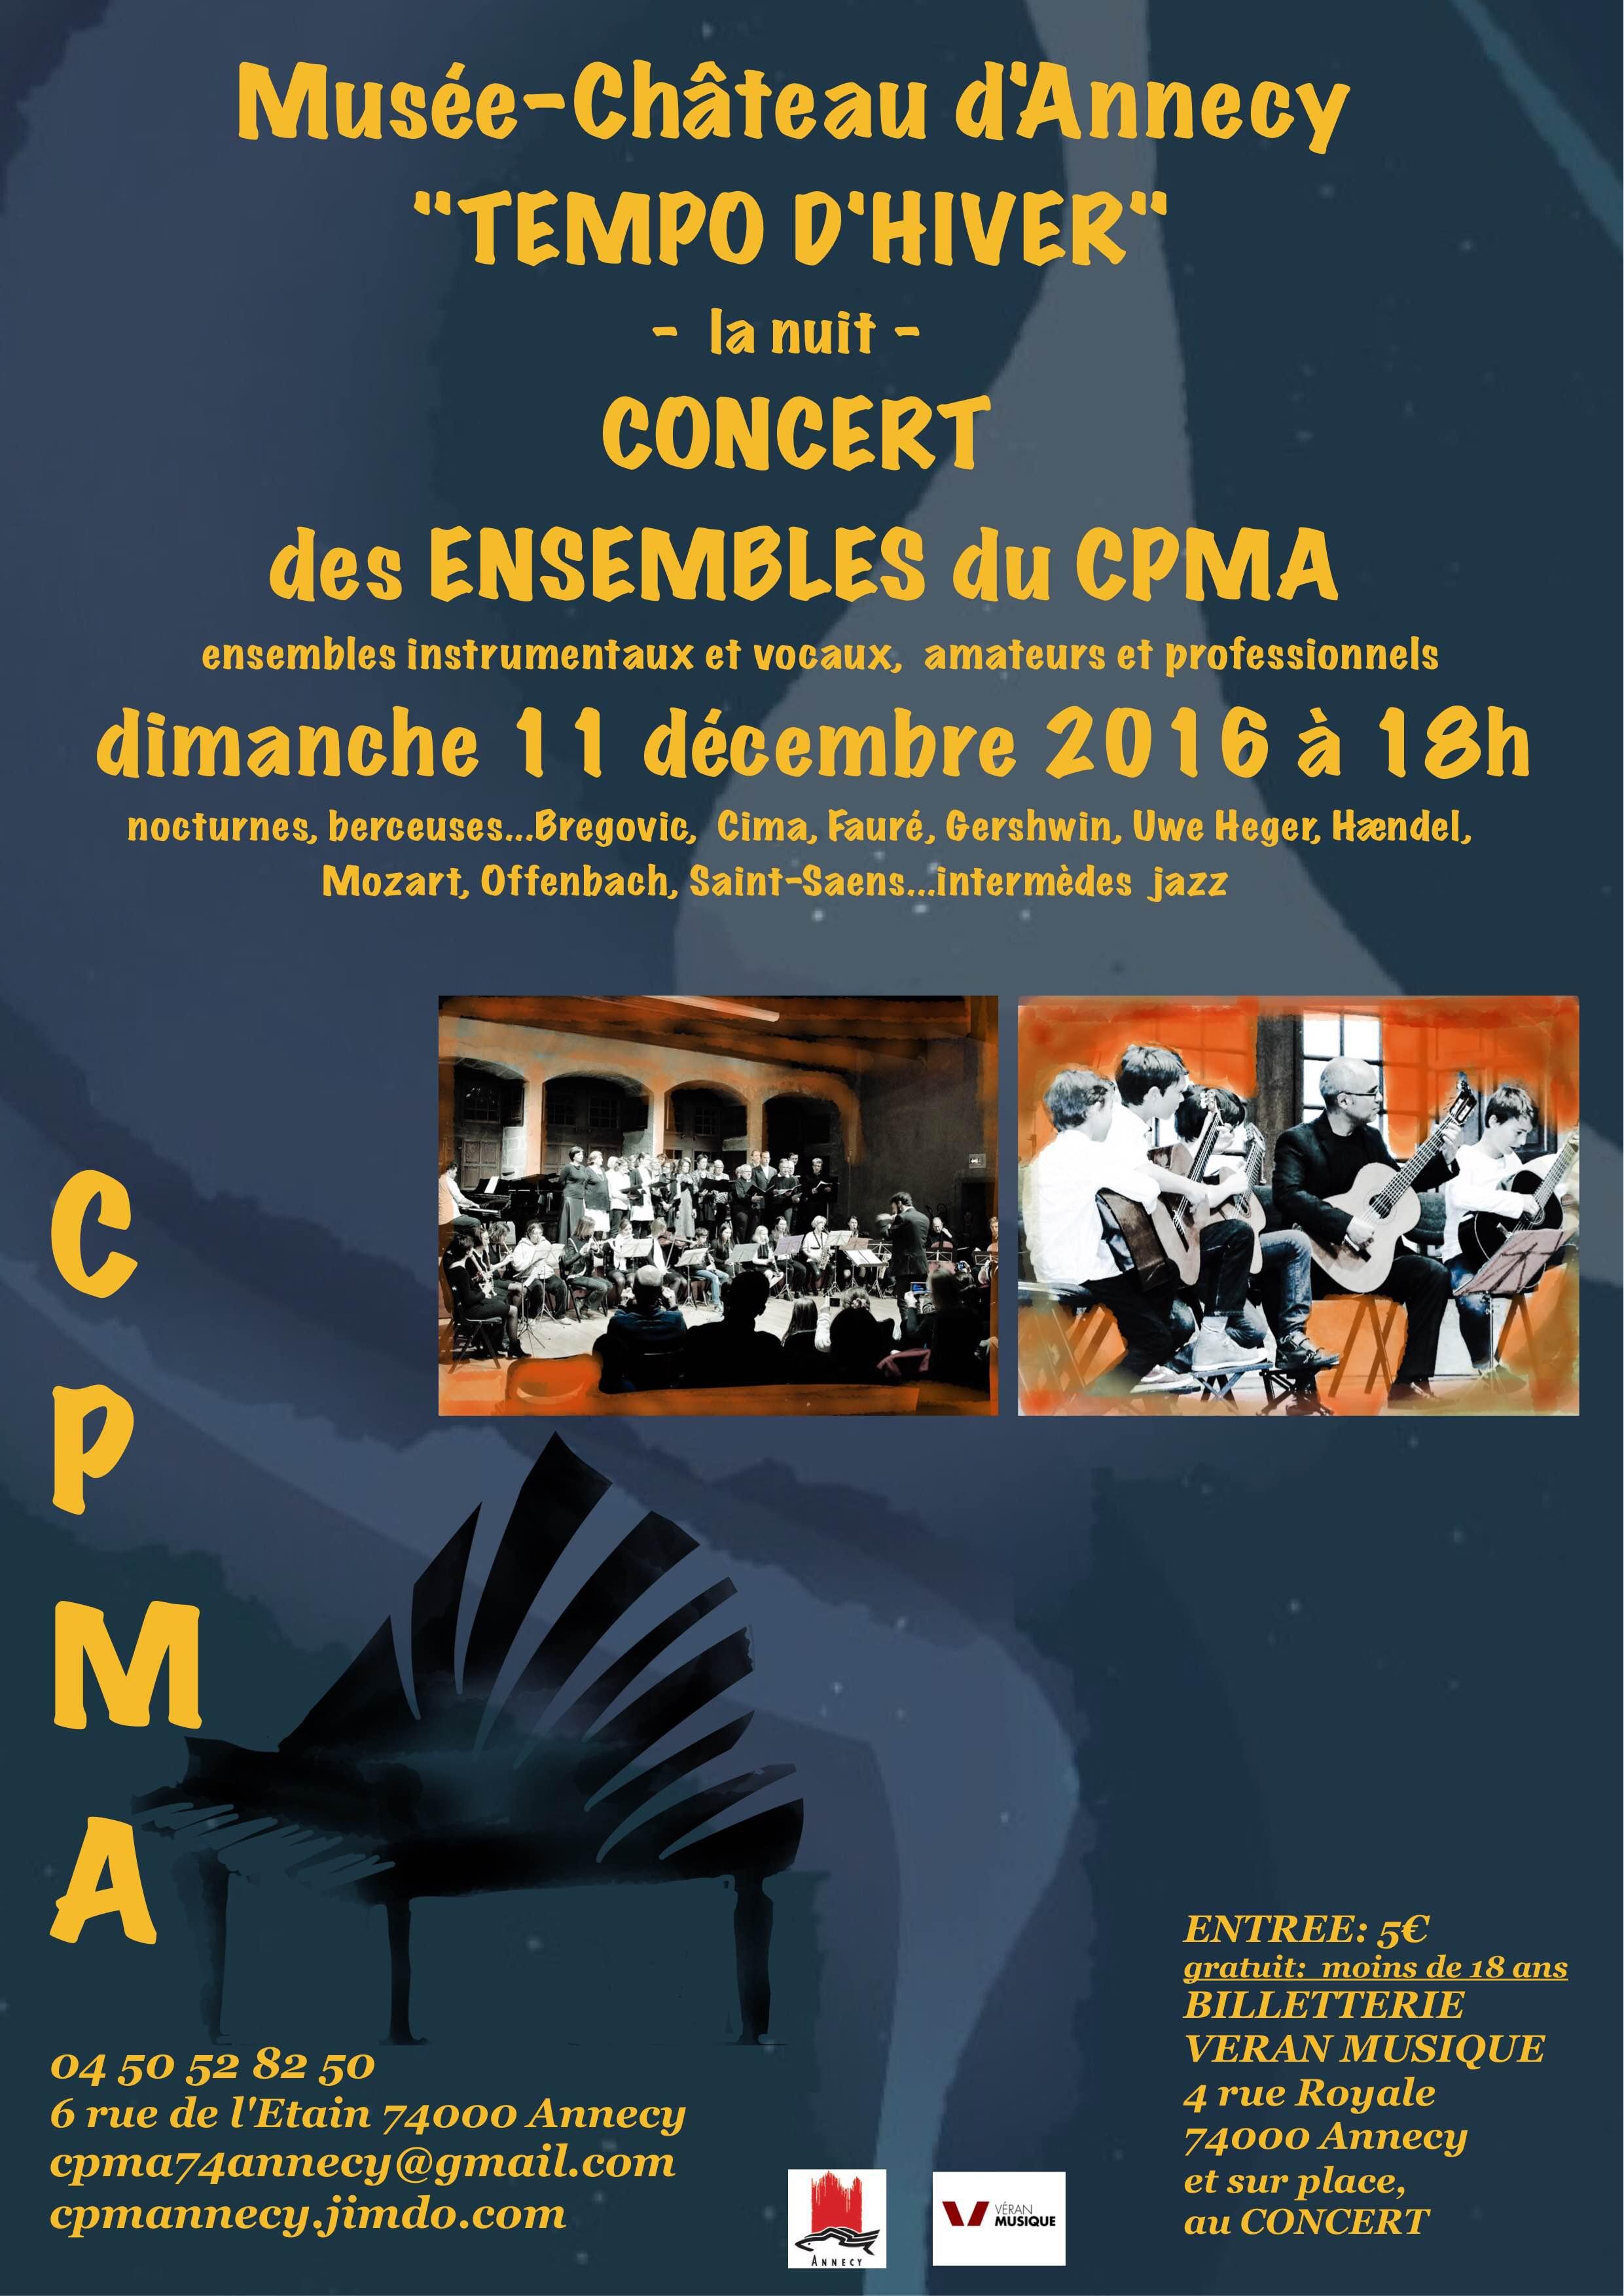 Concert des ensembles du CPMA